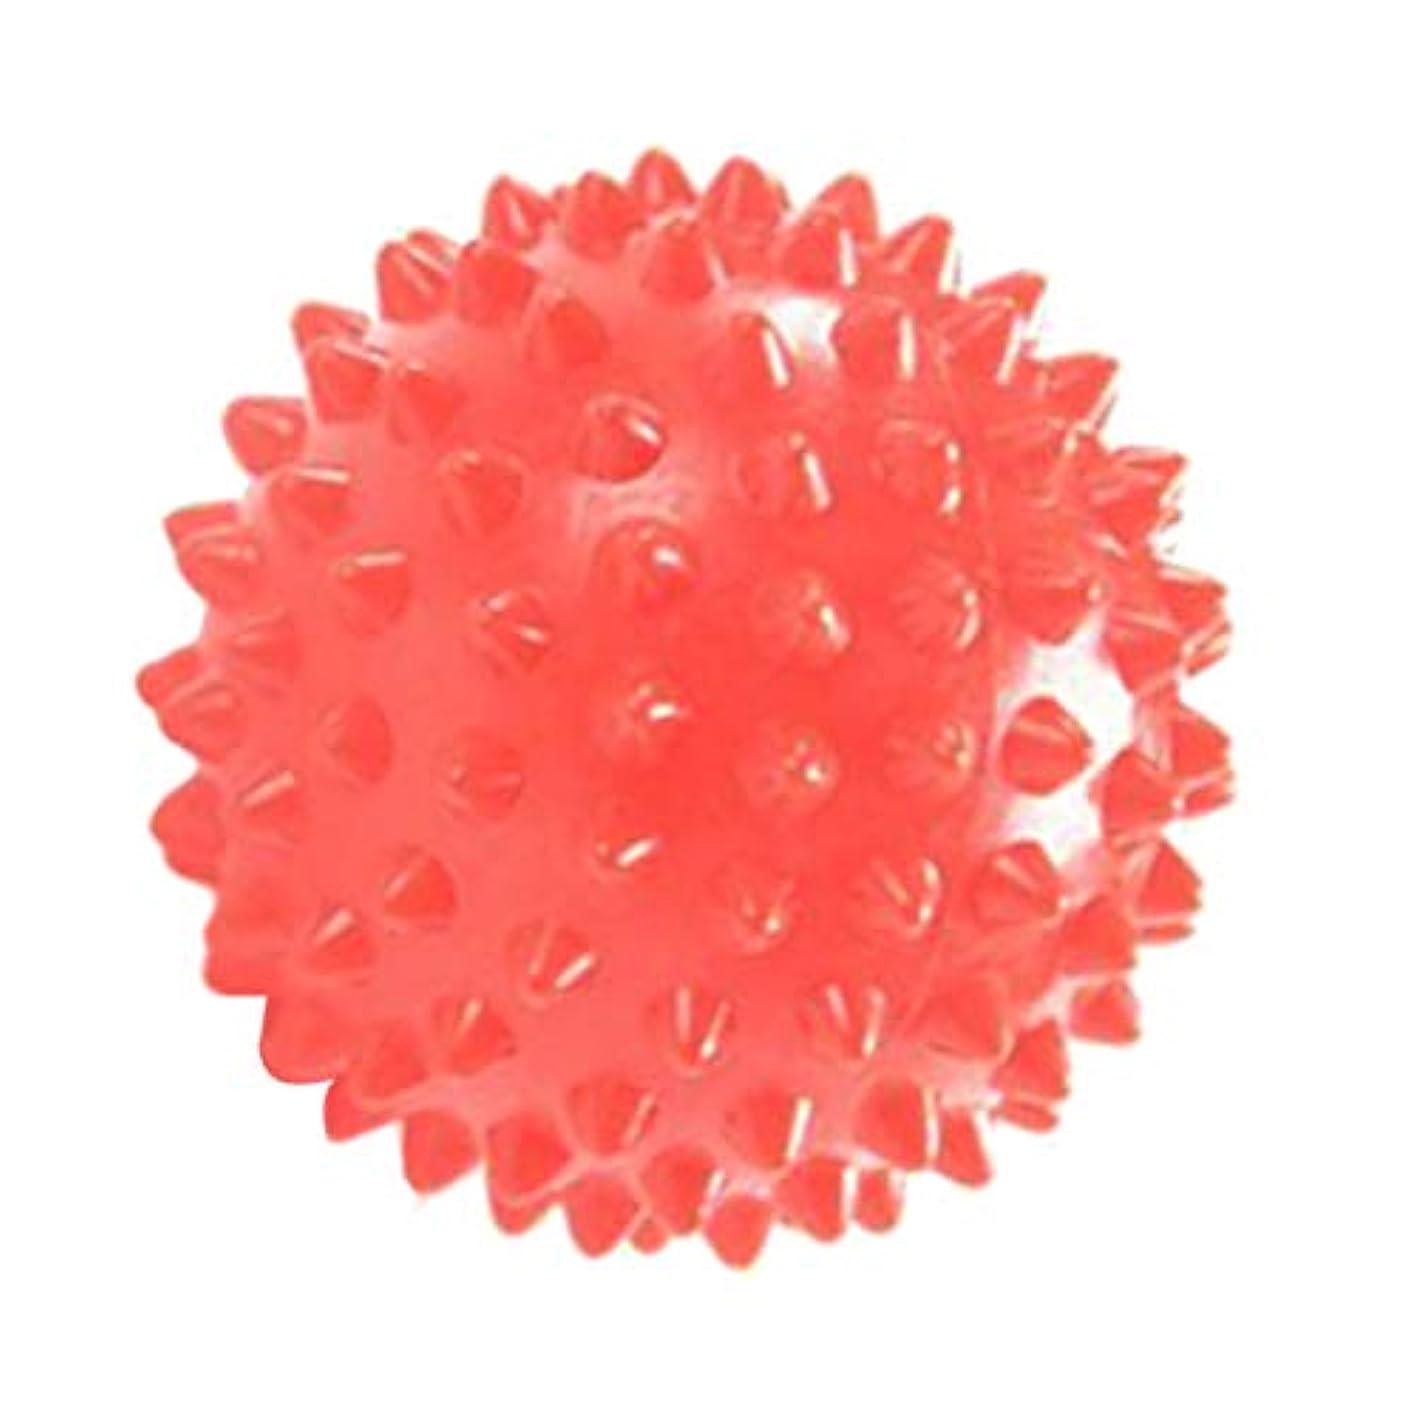 検索川賄賂dailymall マッサージボール 触覚ボール リフレクションボール 指圧ボール ツボ押し 筋膜リリースヨガ 7cm